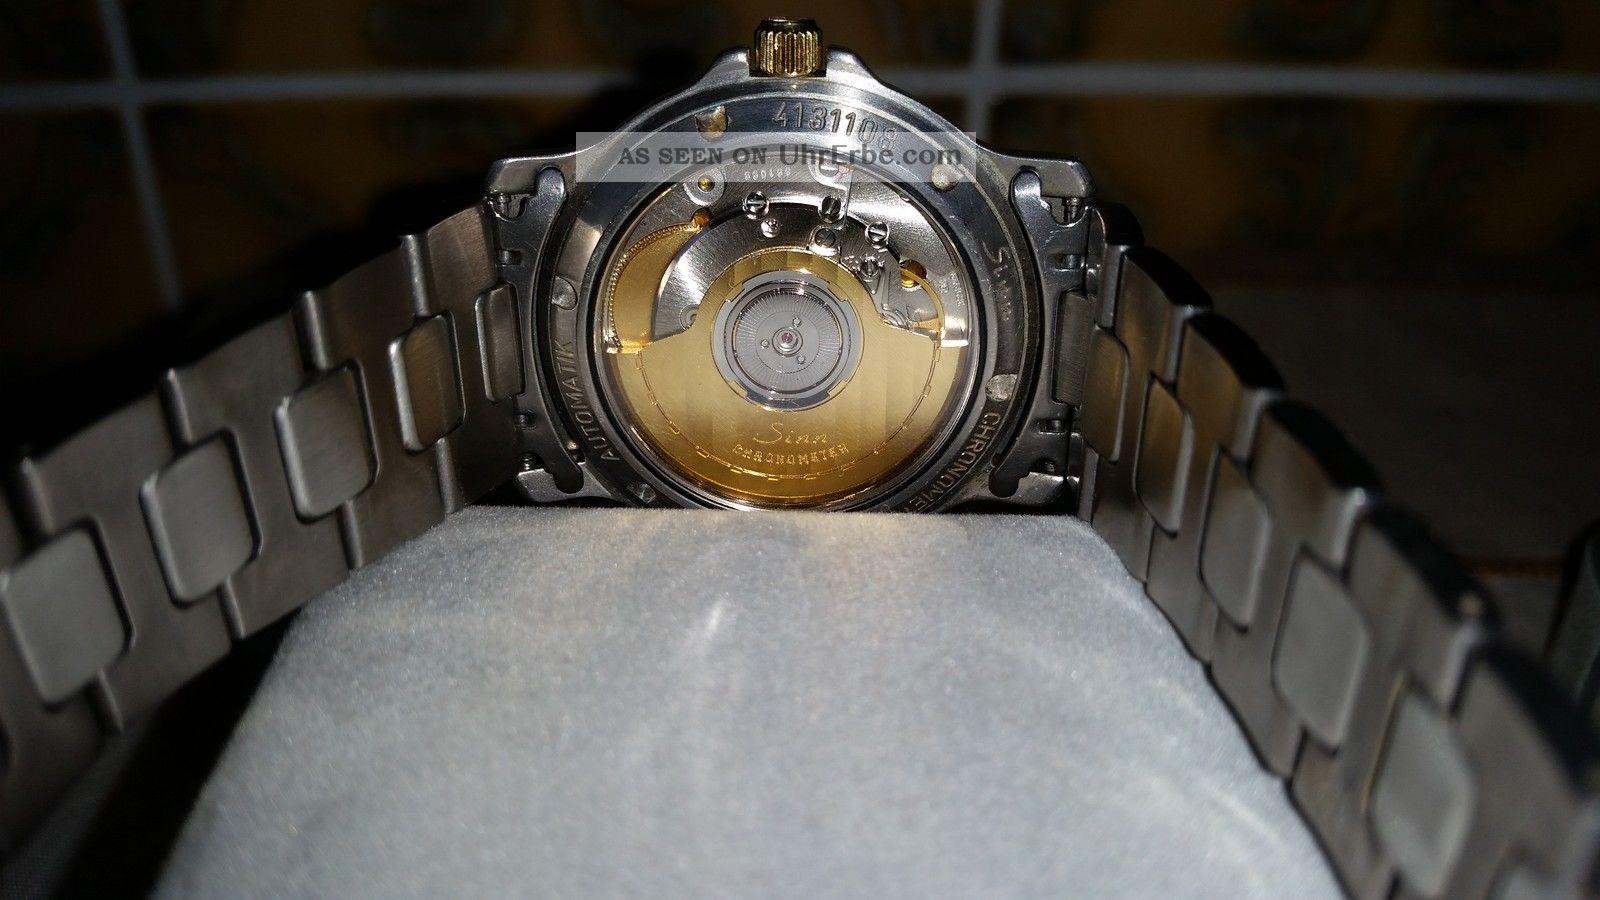 Herren - Armbanduhr Sinn 8826.  Tg.  A Armbanduhren Bild